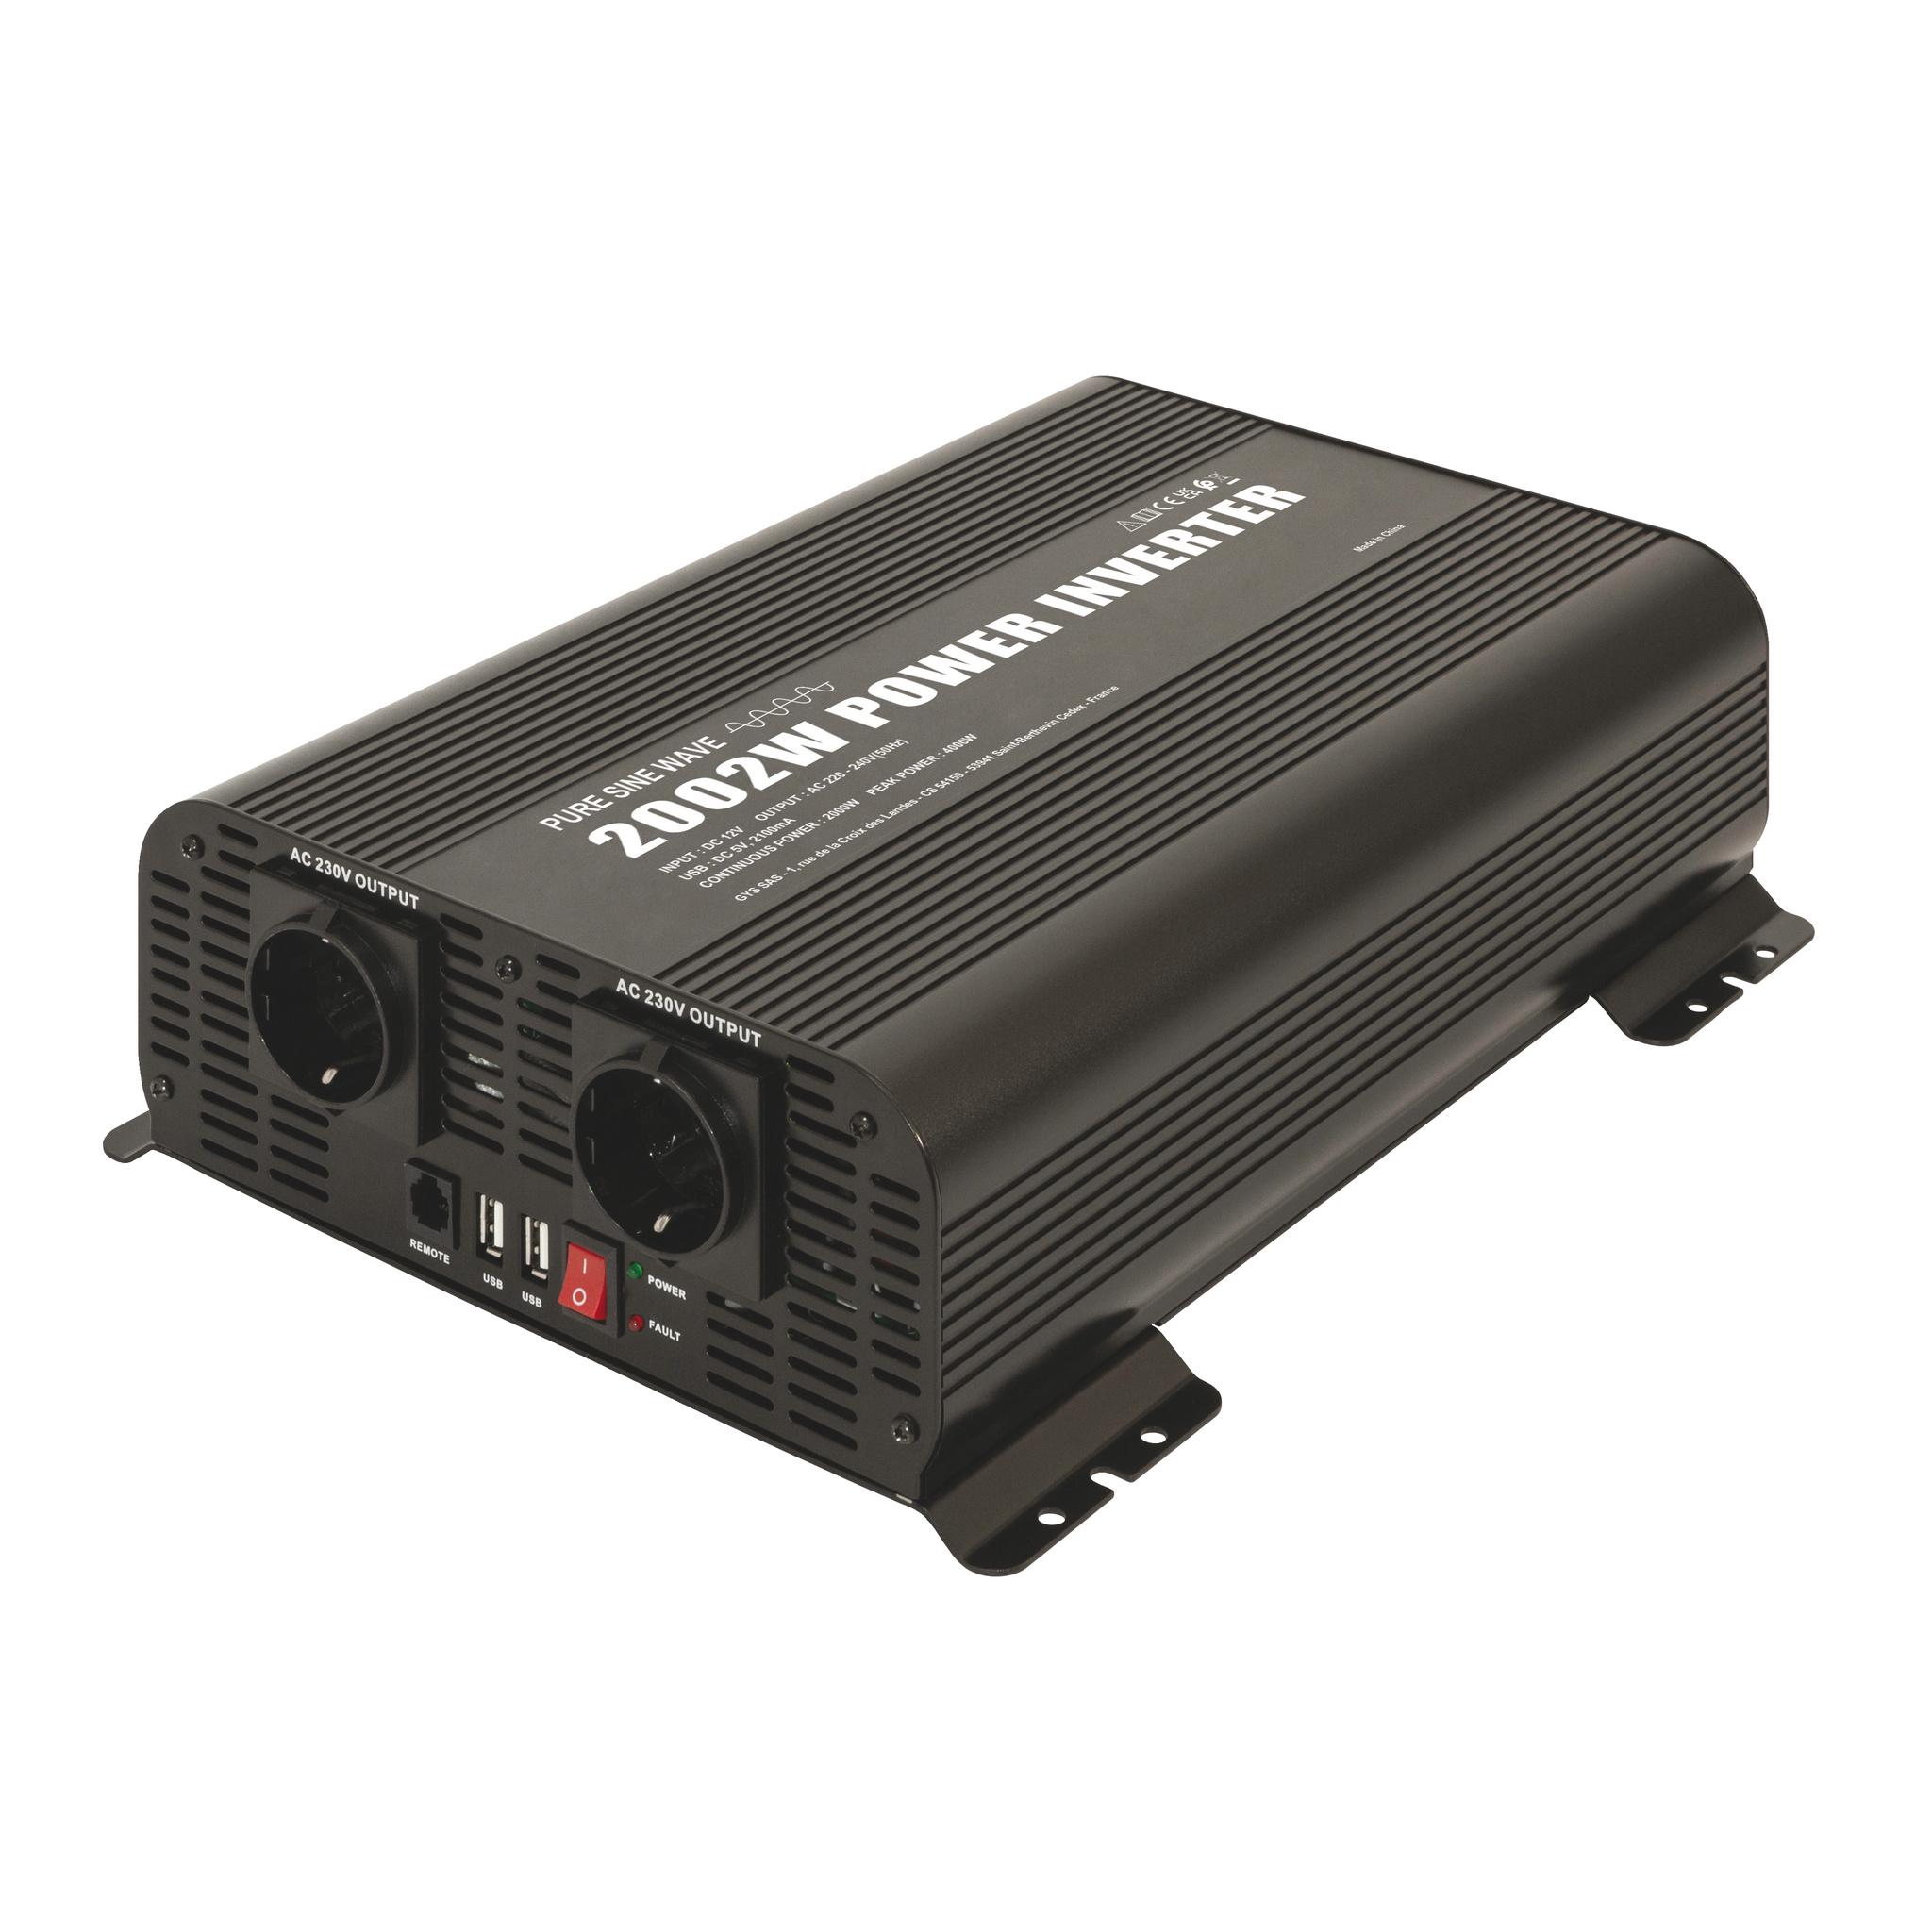 Omvormer-inverter PSW 2002W 12V met remote